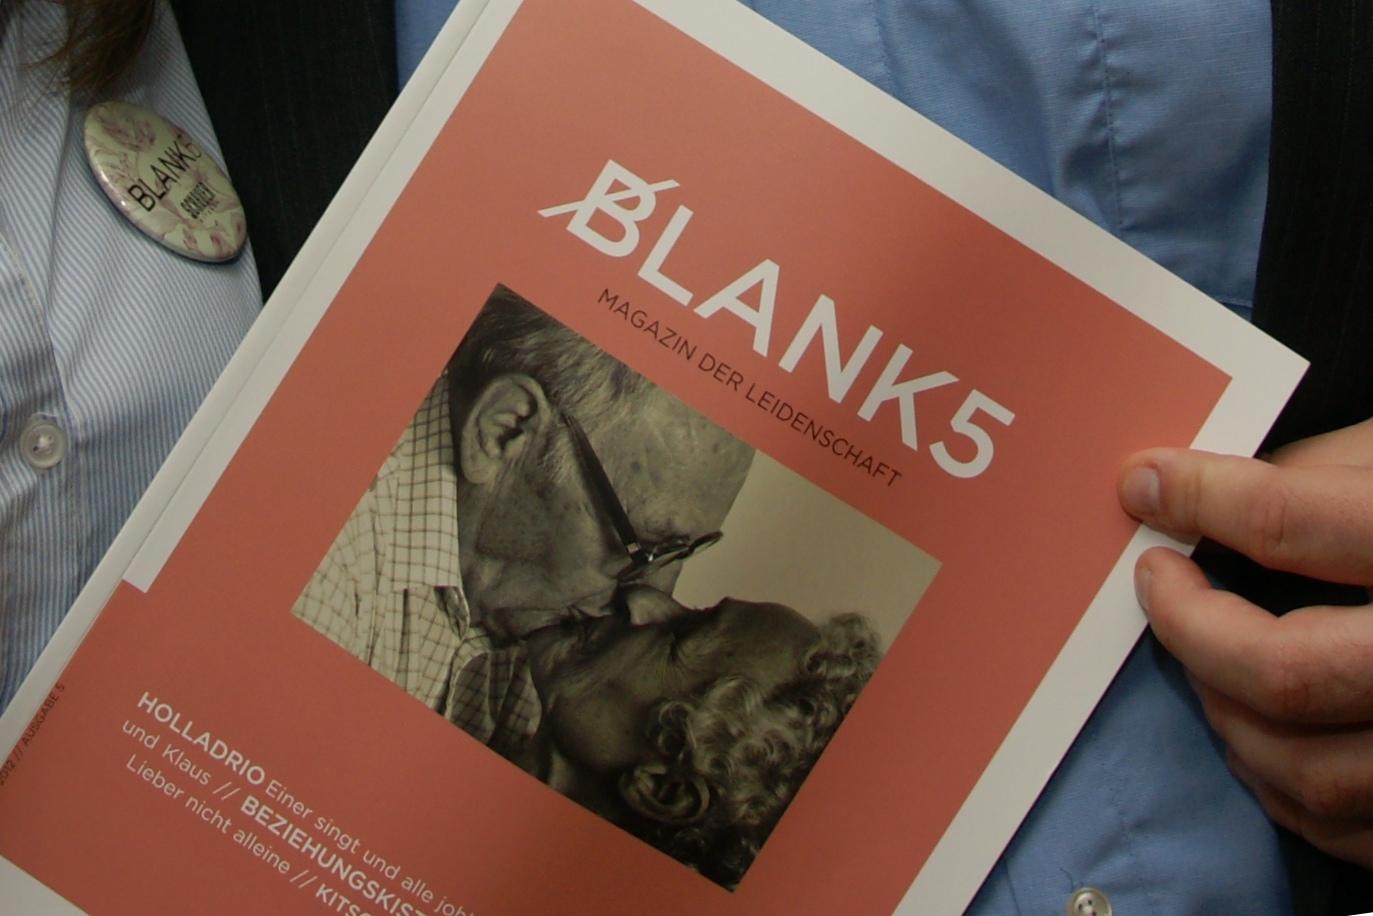 BLANK 5 - Magazin der Leidenschaft